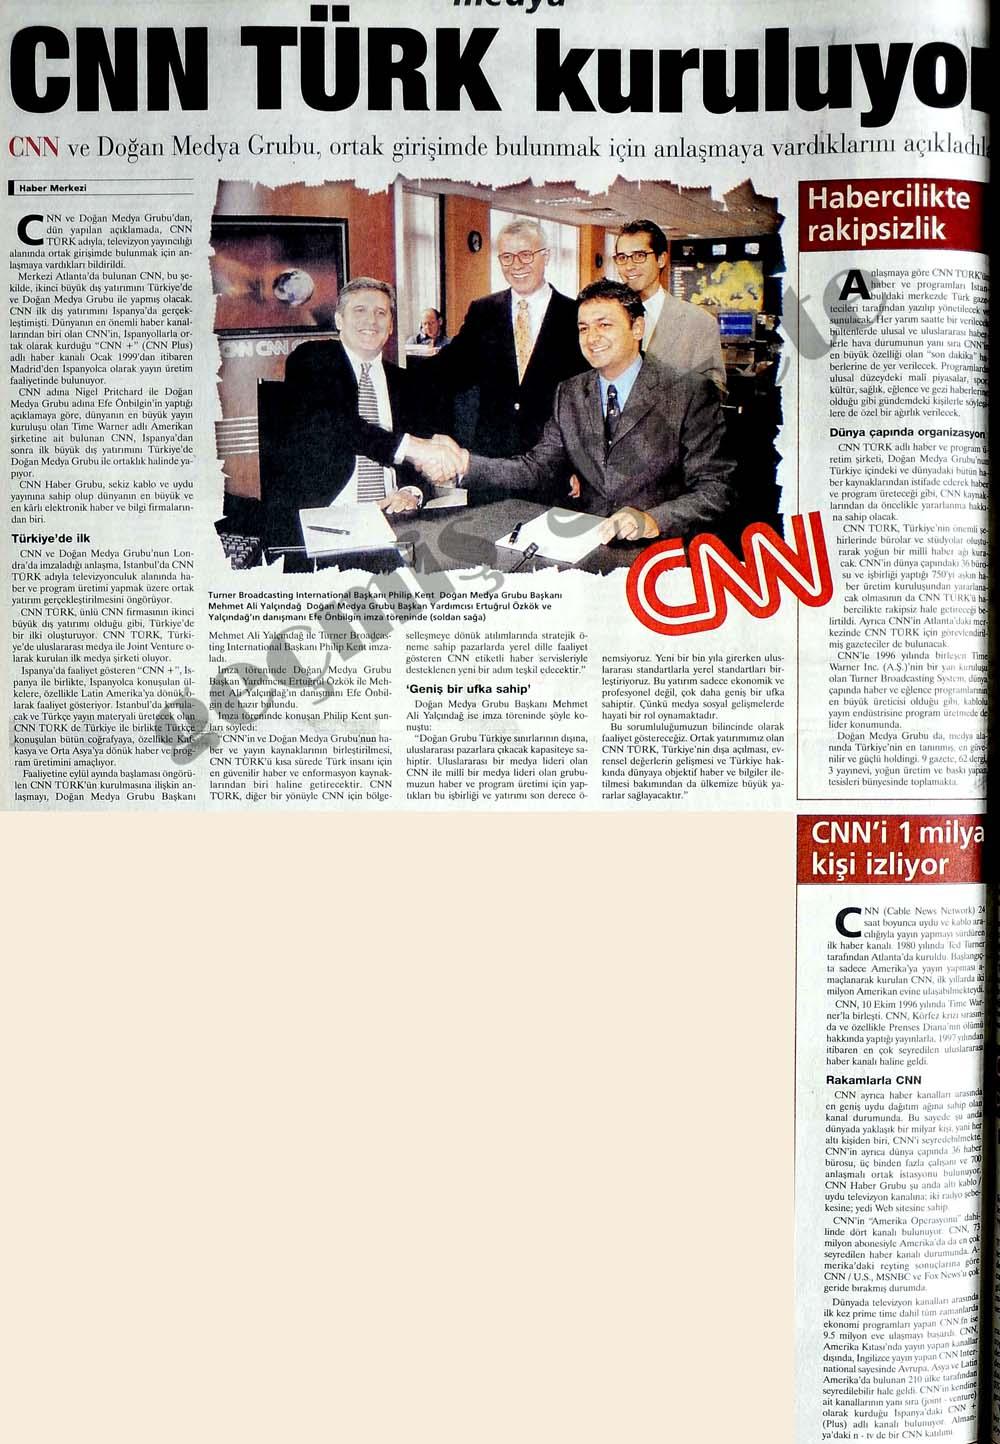 CNN TÜRK kuruluyor